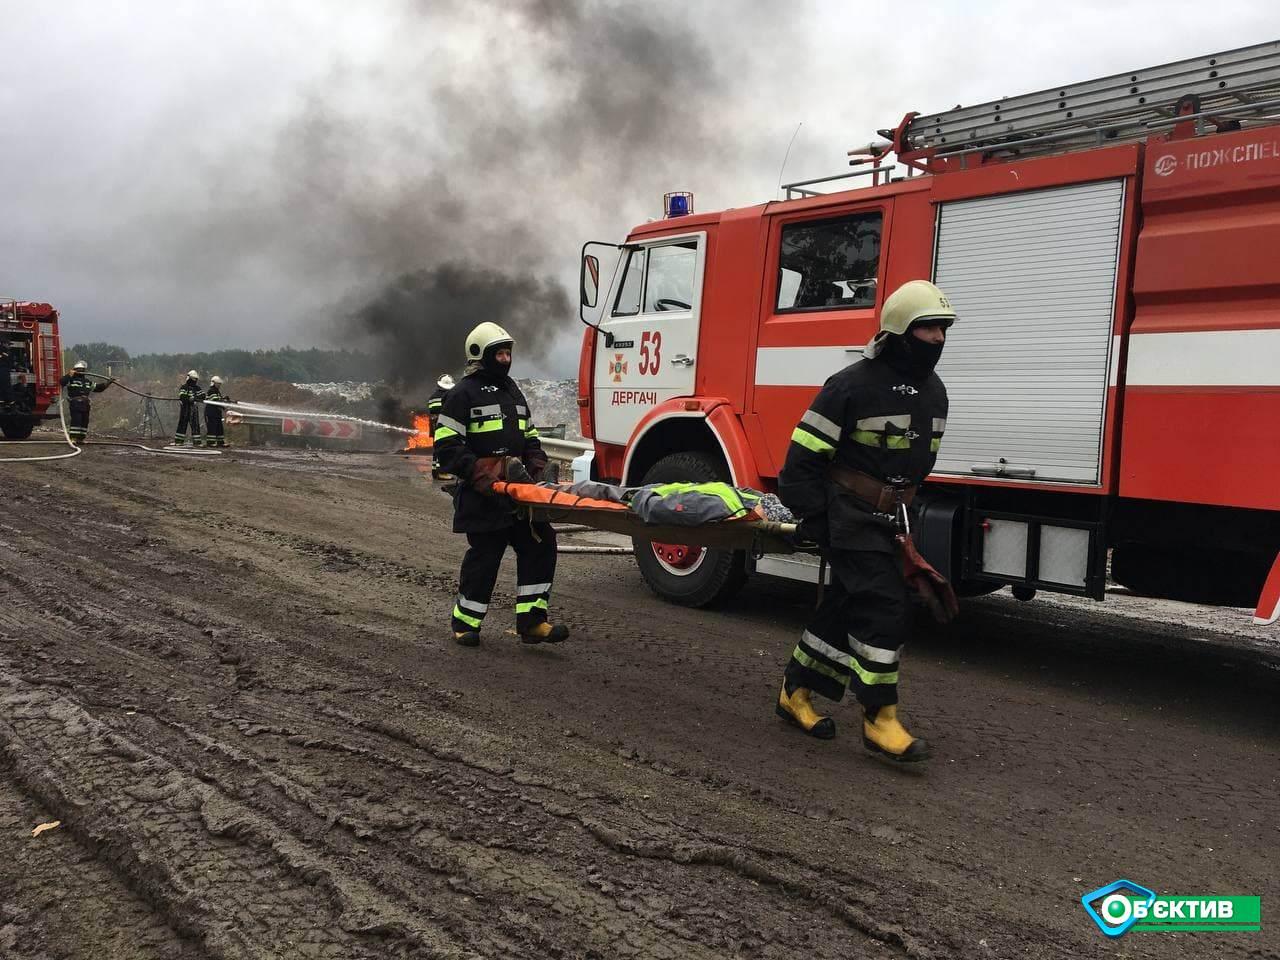 На Дергачевском полигоне ТБО прошли совместные учения ГСЧС и других служб по ликвидации пожара